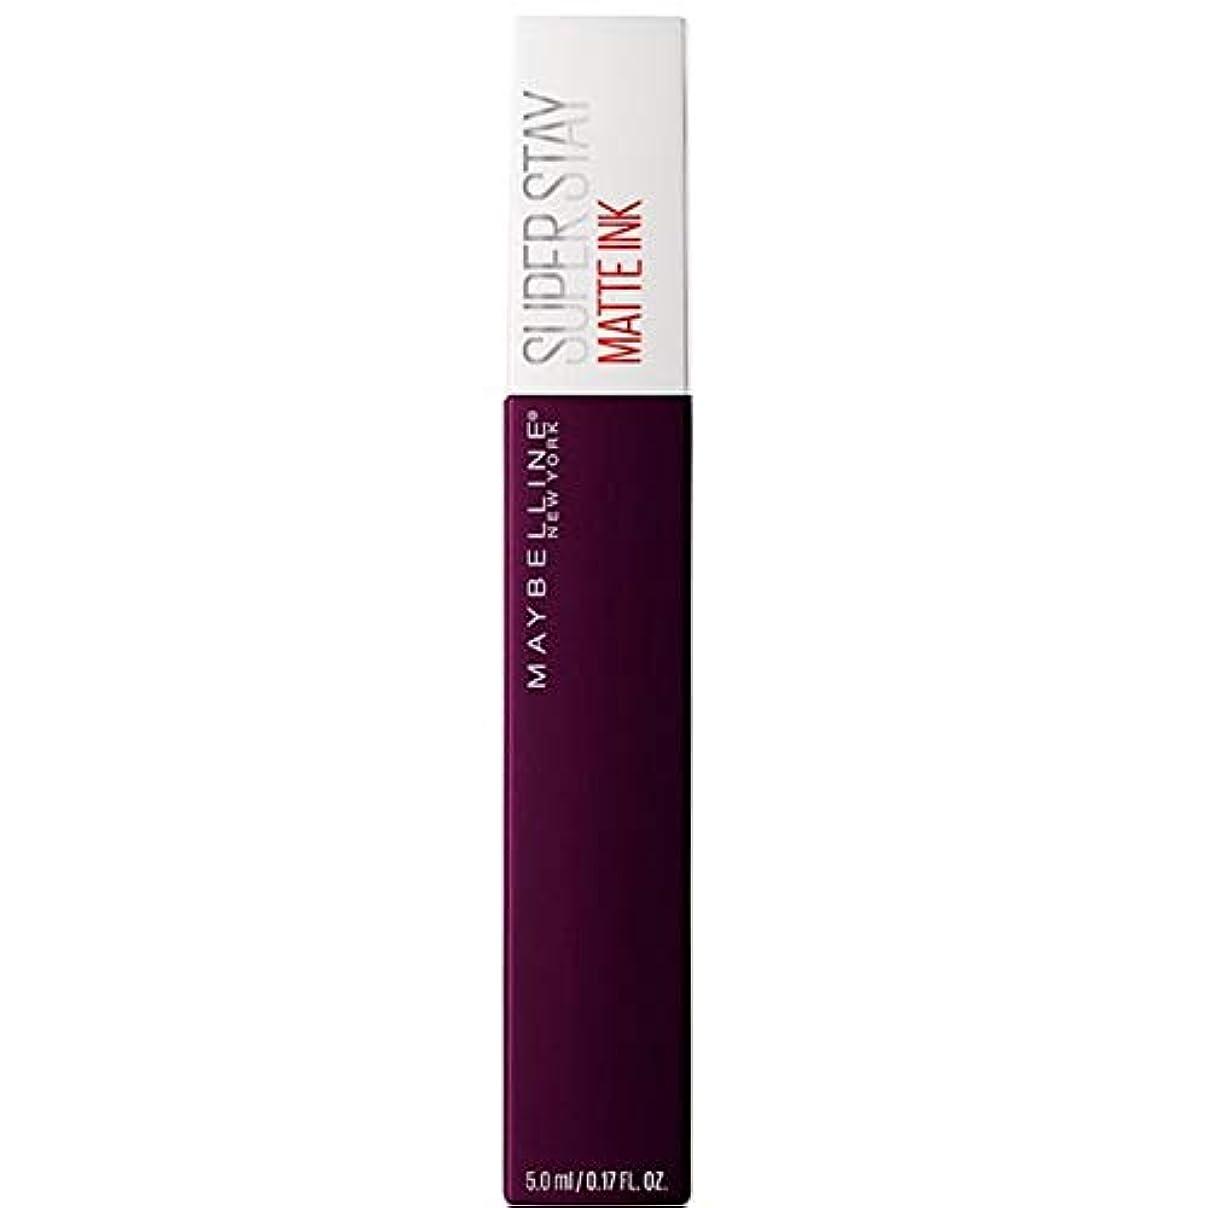 貧しい精算文献[Maybelline ] メイベリンSuperstayマットインク液45現実逃避 - Maybelline Superstay Matte Ink Liquid 45 Escapist [並行輸入品]